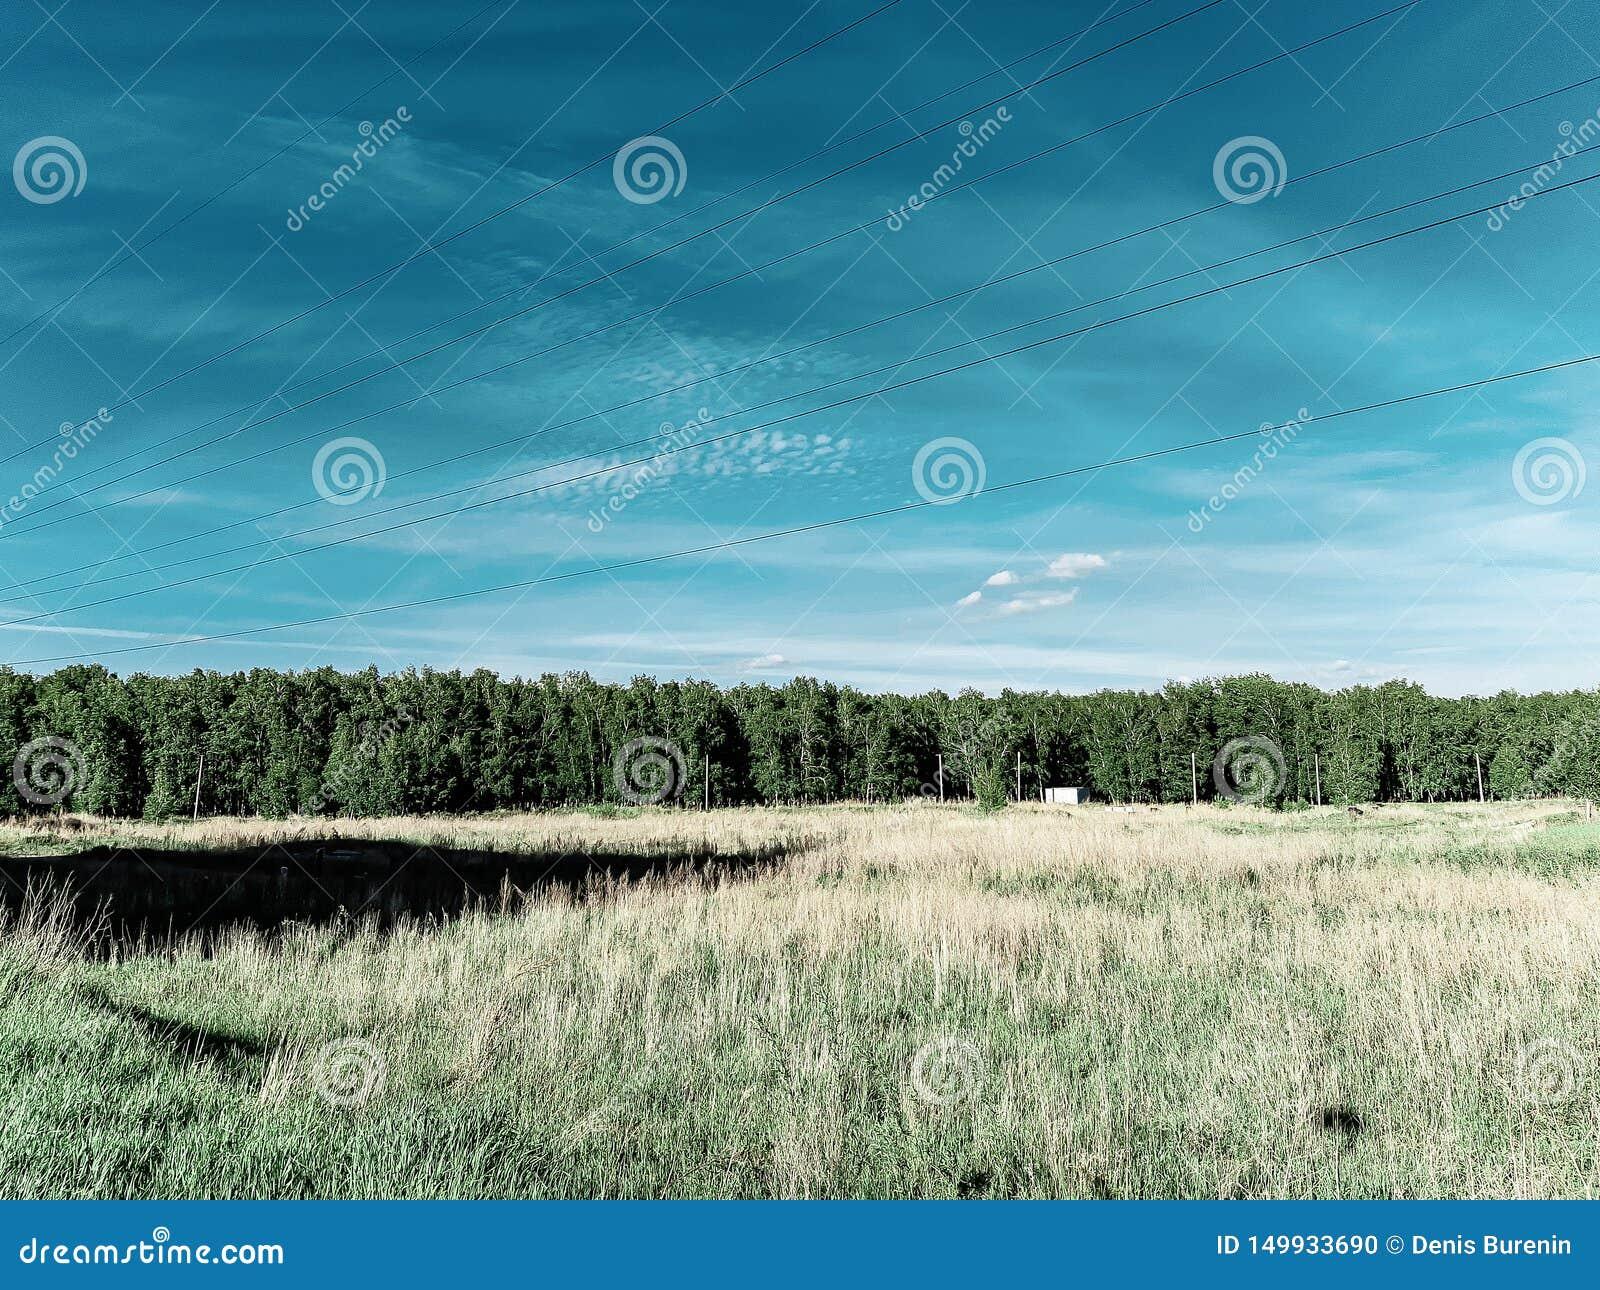 Correia da floresta, linha da floresta, opinião profunda de céu azul, campo, fios elétricos